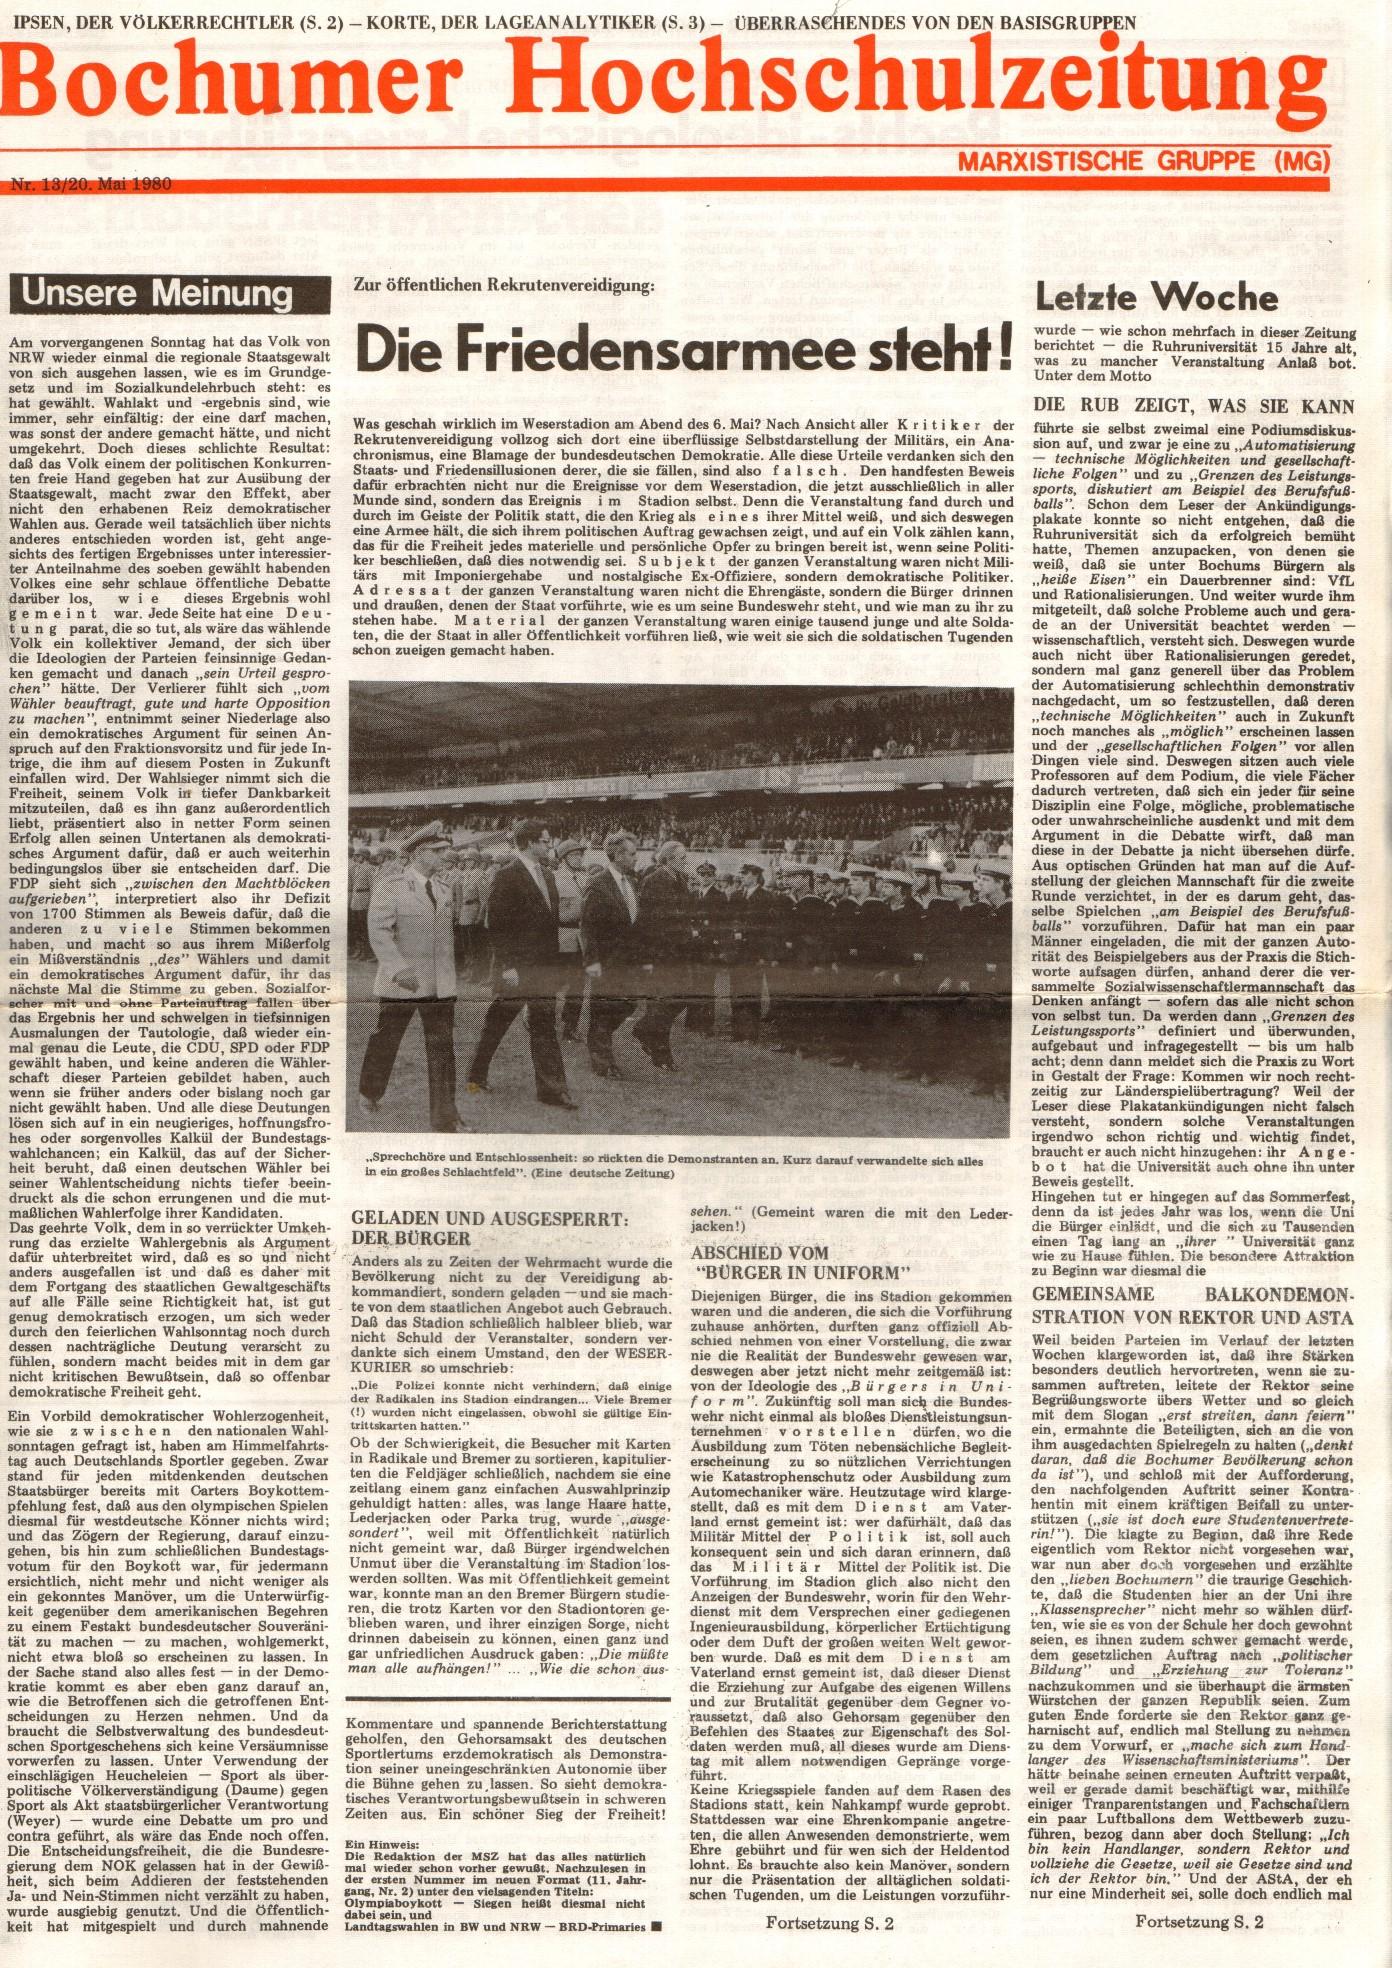 MG_Bochumer_Hochschulzeitung_19800520_01